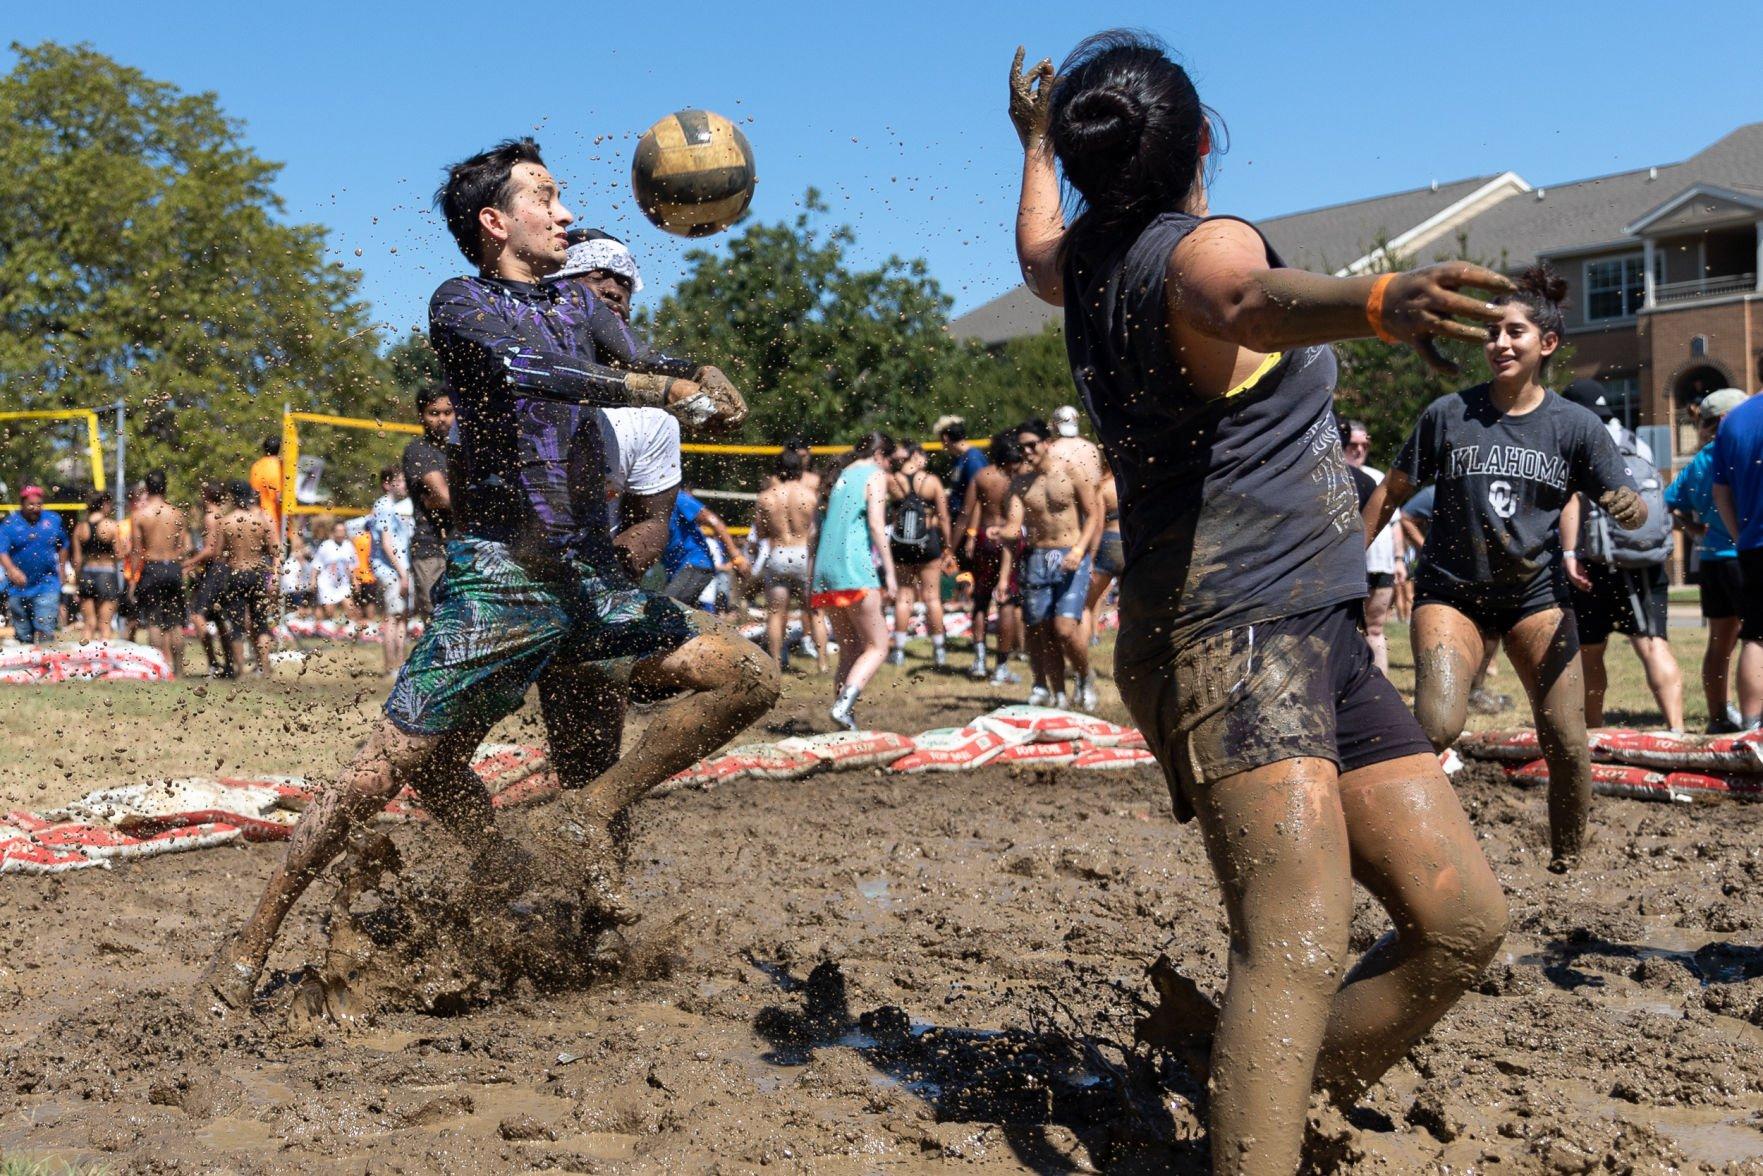 Photos: 31st annual UTA Oozeball tournament brings the fun in a mudslide